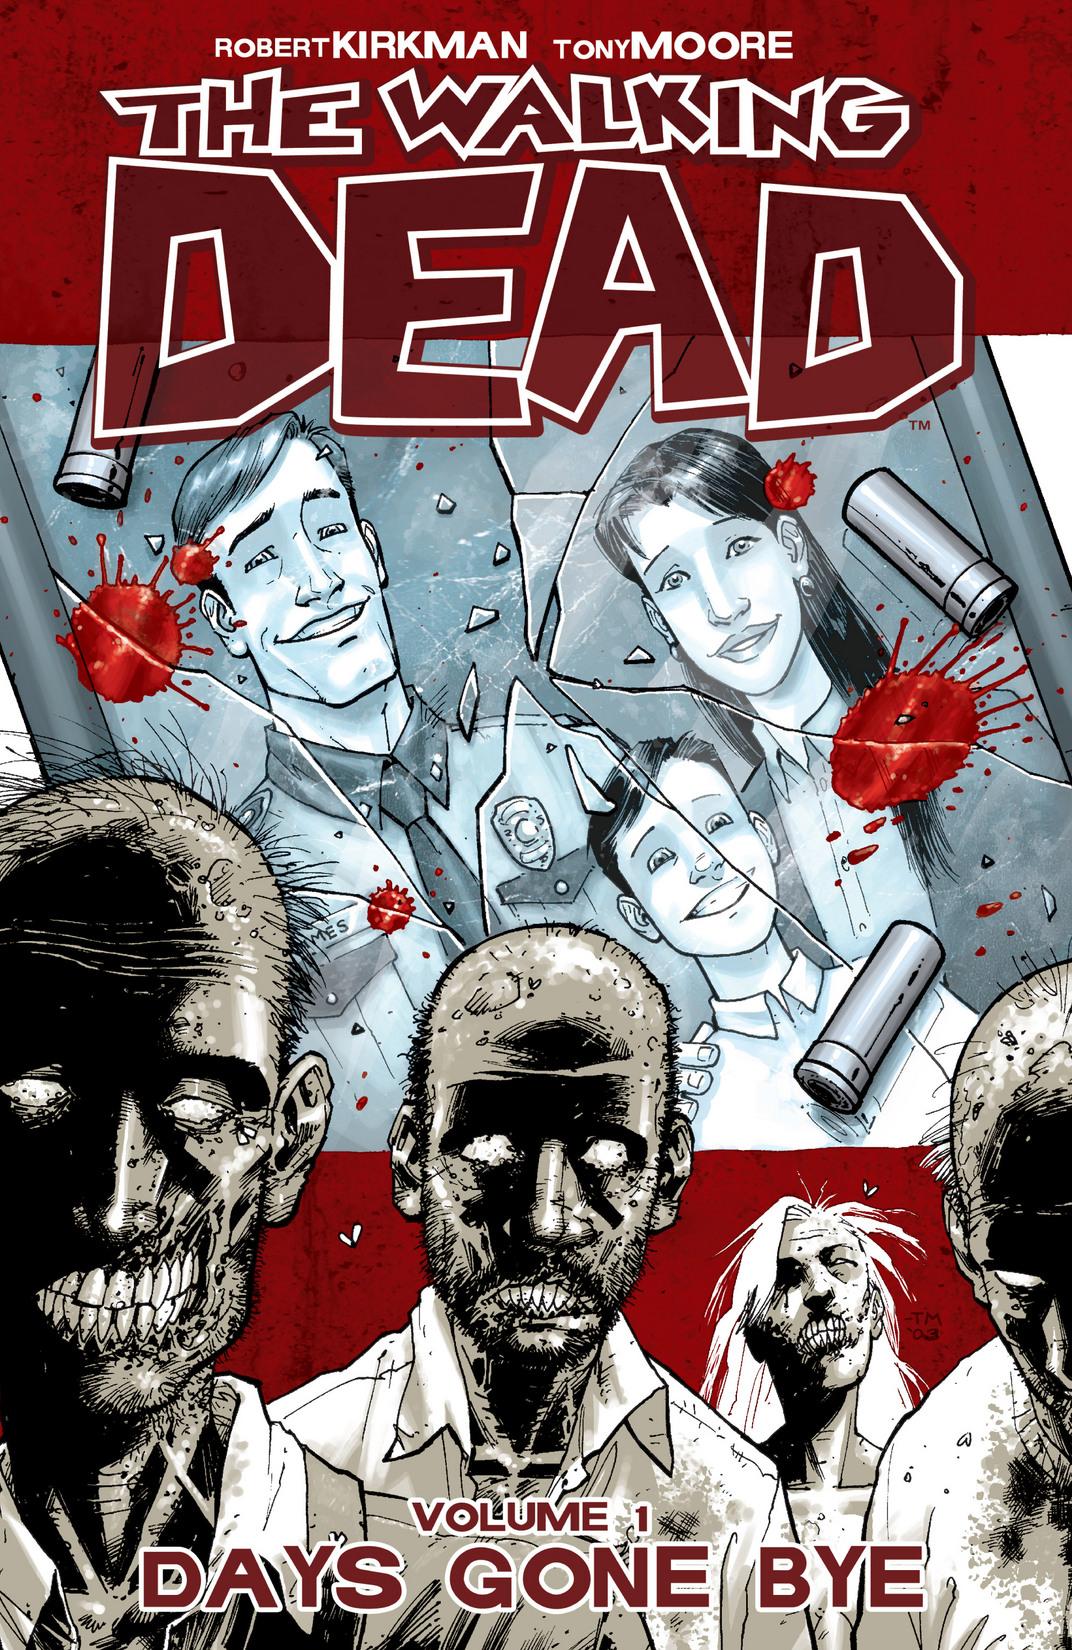 the walking dead vol. 1 days gone bye pdf